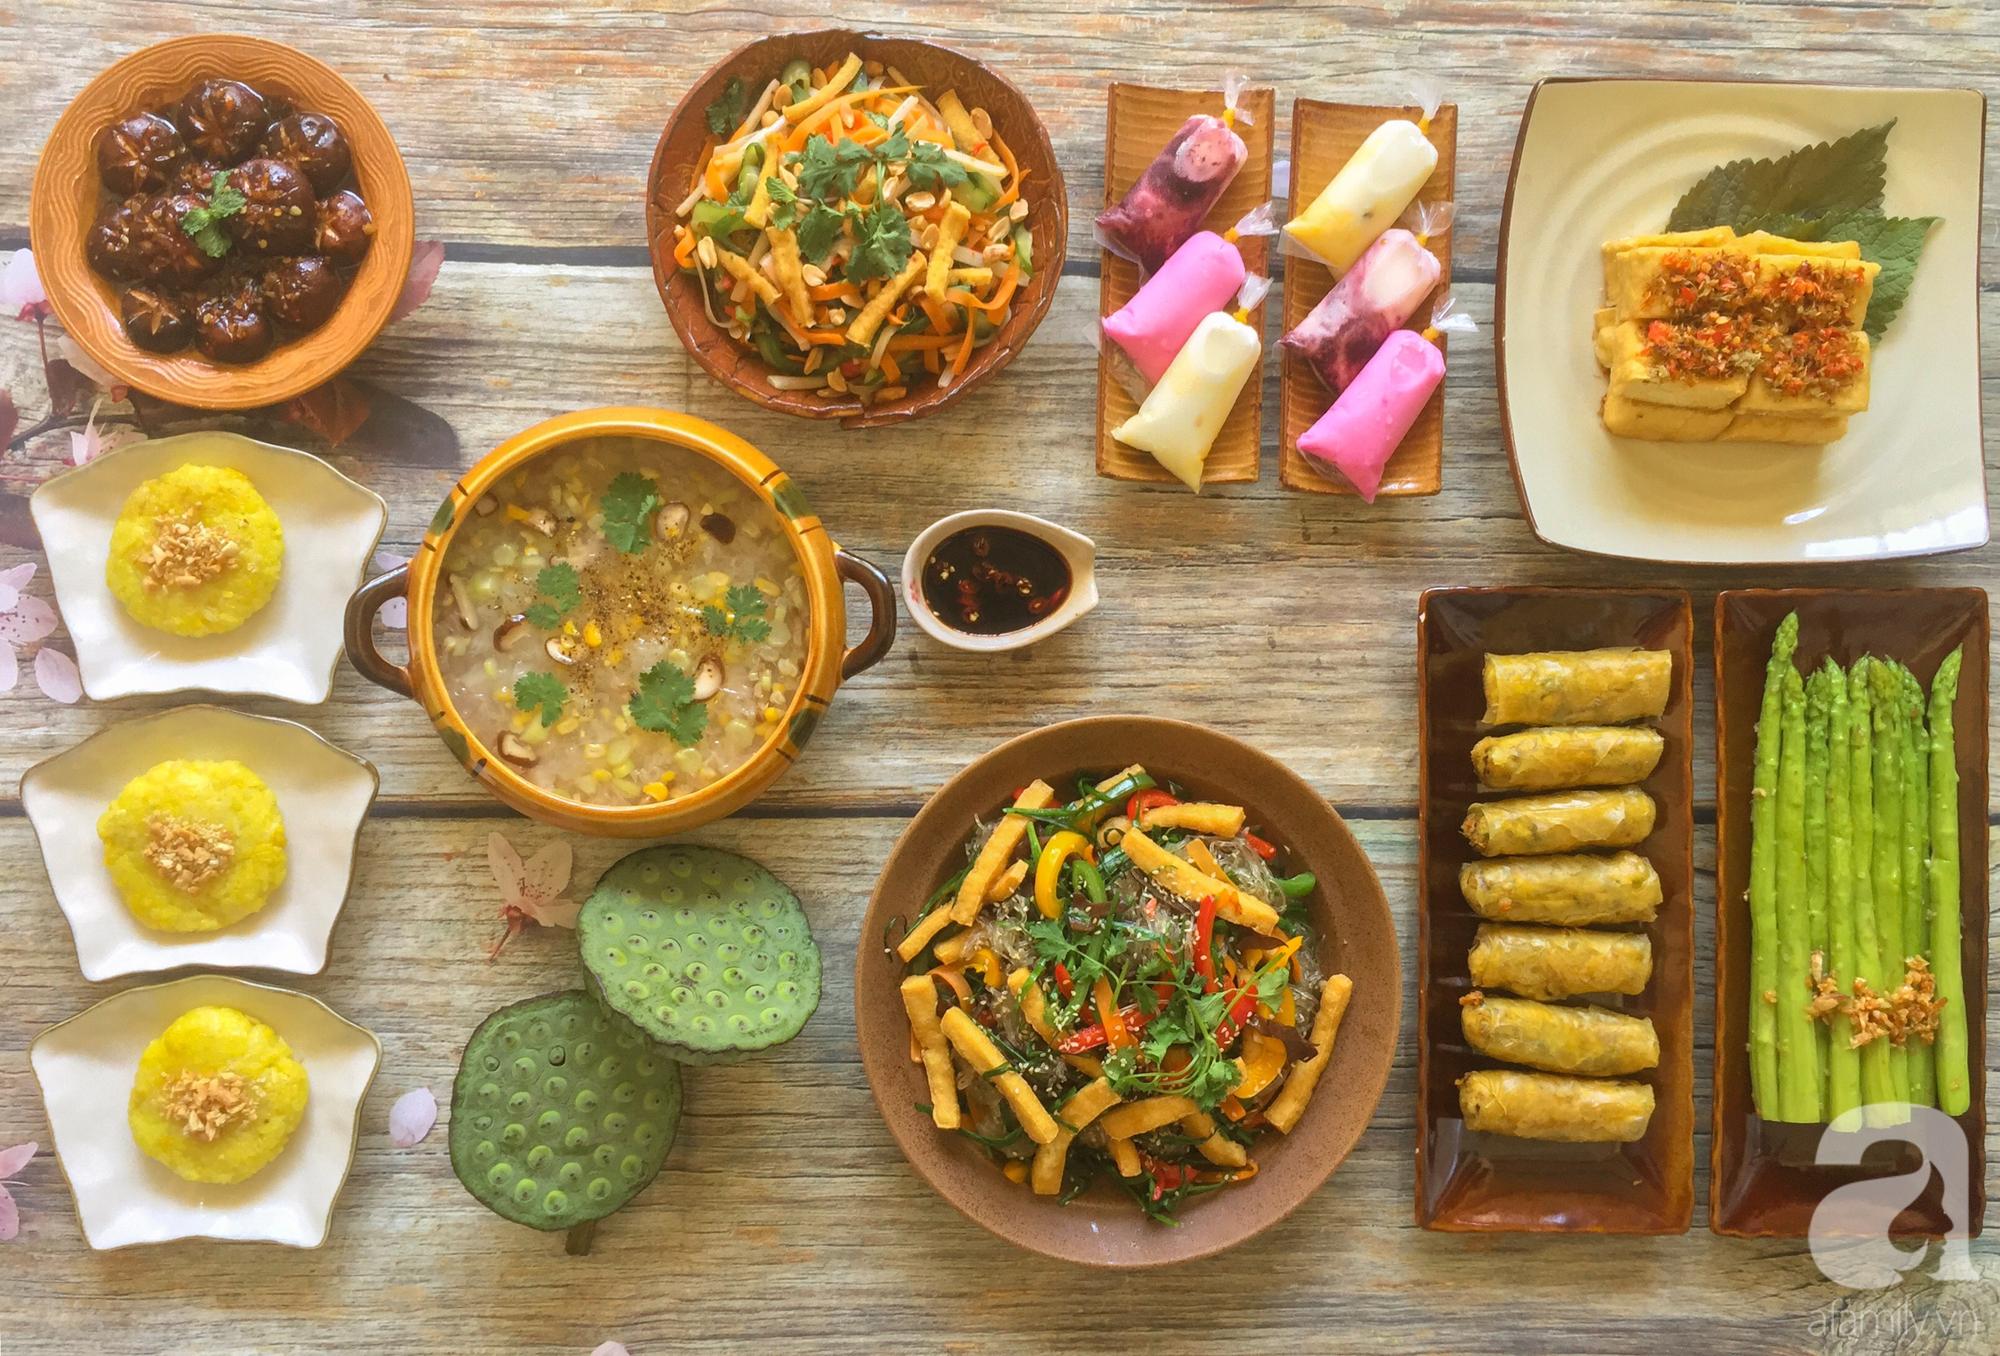 Tháng Vu Lan sắp về, mẹ đảm Sài Gòn chia sẻ mâm cơm chay 9 món đẳng cấp nhà hàng, chỉ nhìn thôi đã thấy quá hấp dẫn! - Ảnh 1.